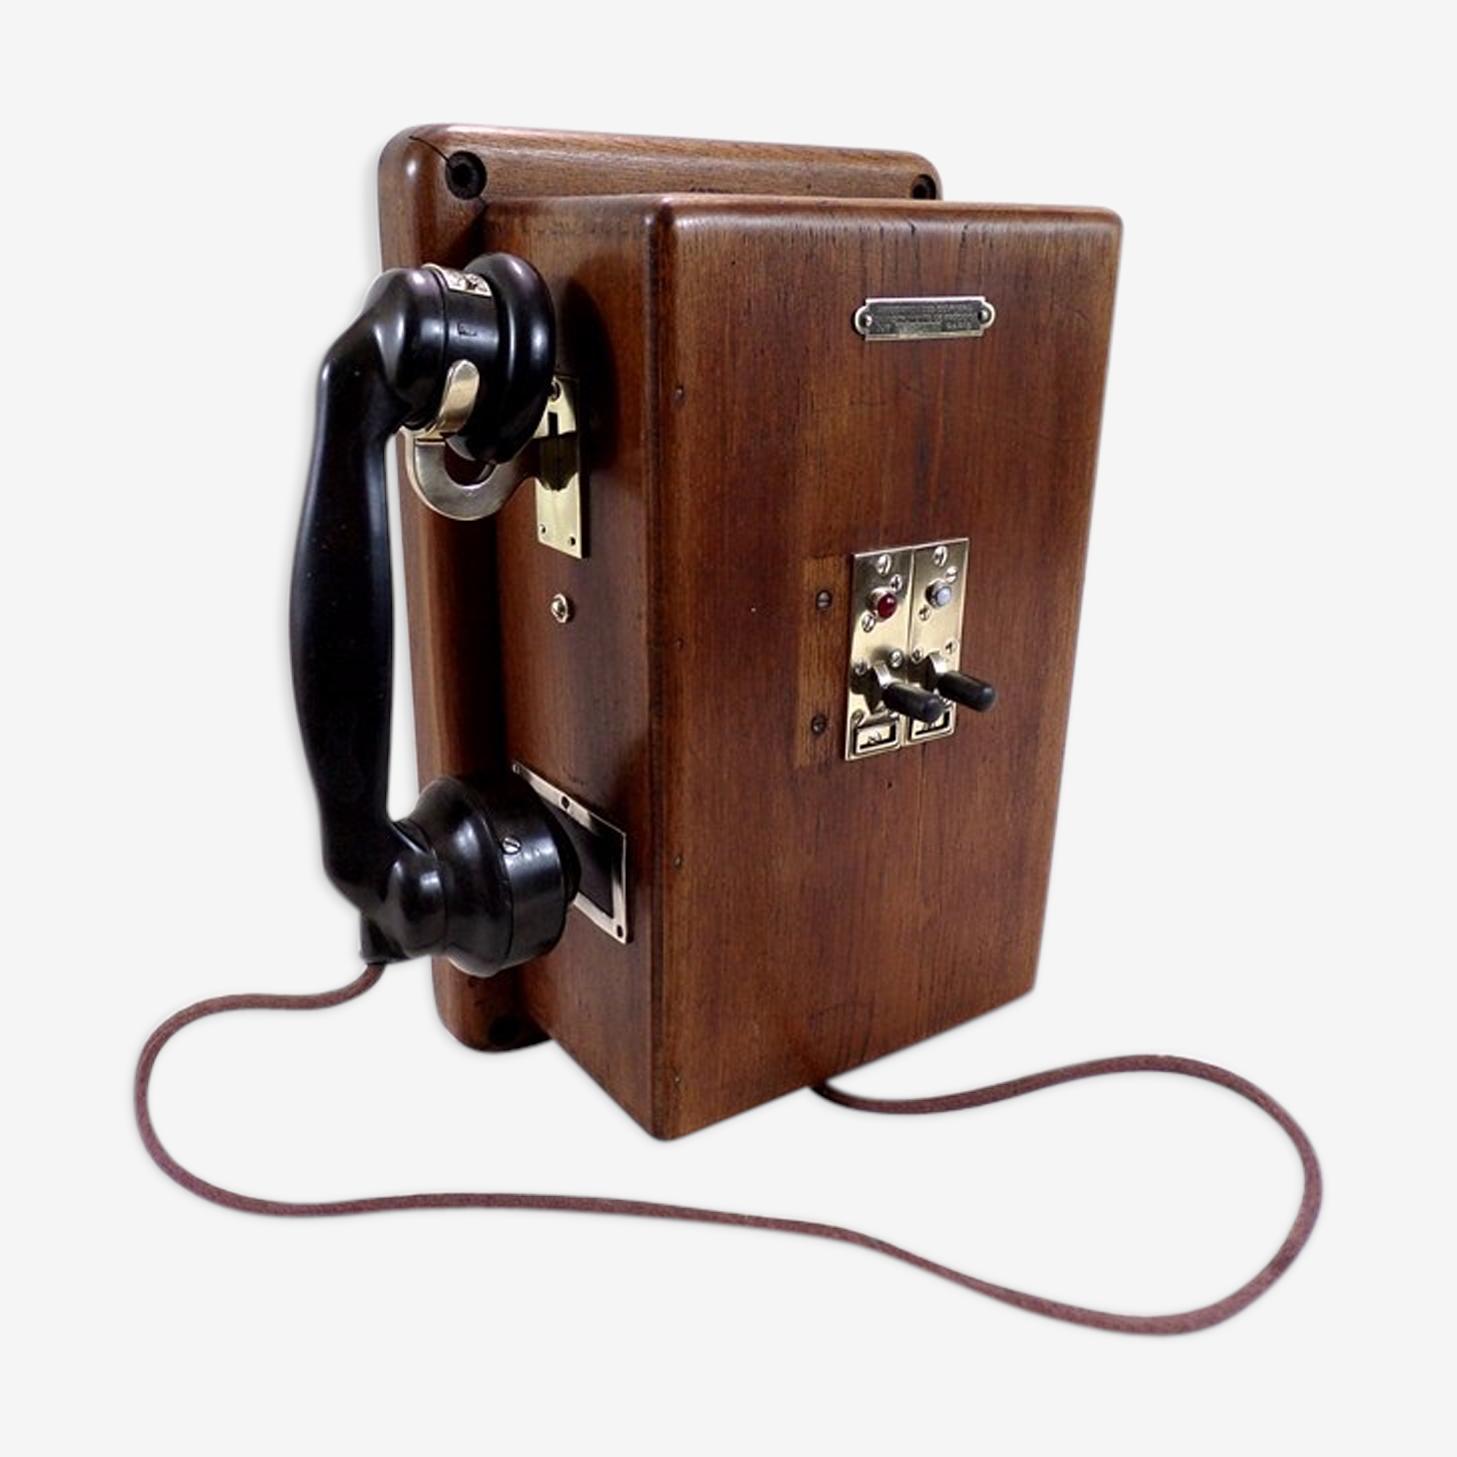 Téléphone ancien standard téléphonique en bois laiton et métal déco vintage